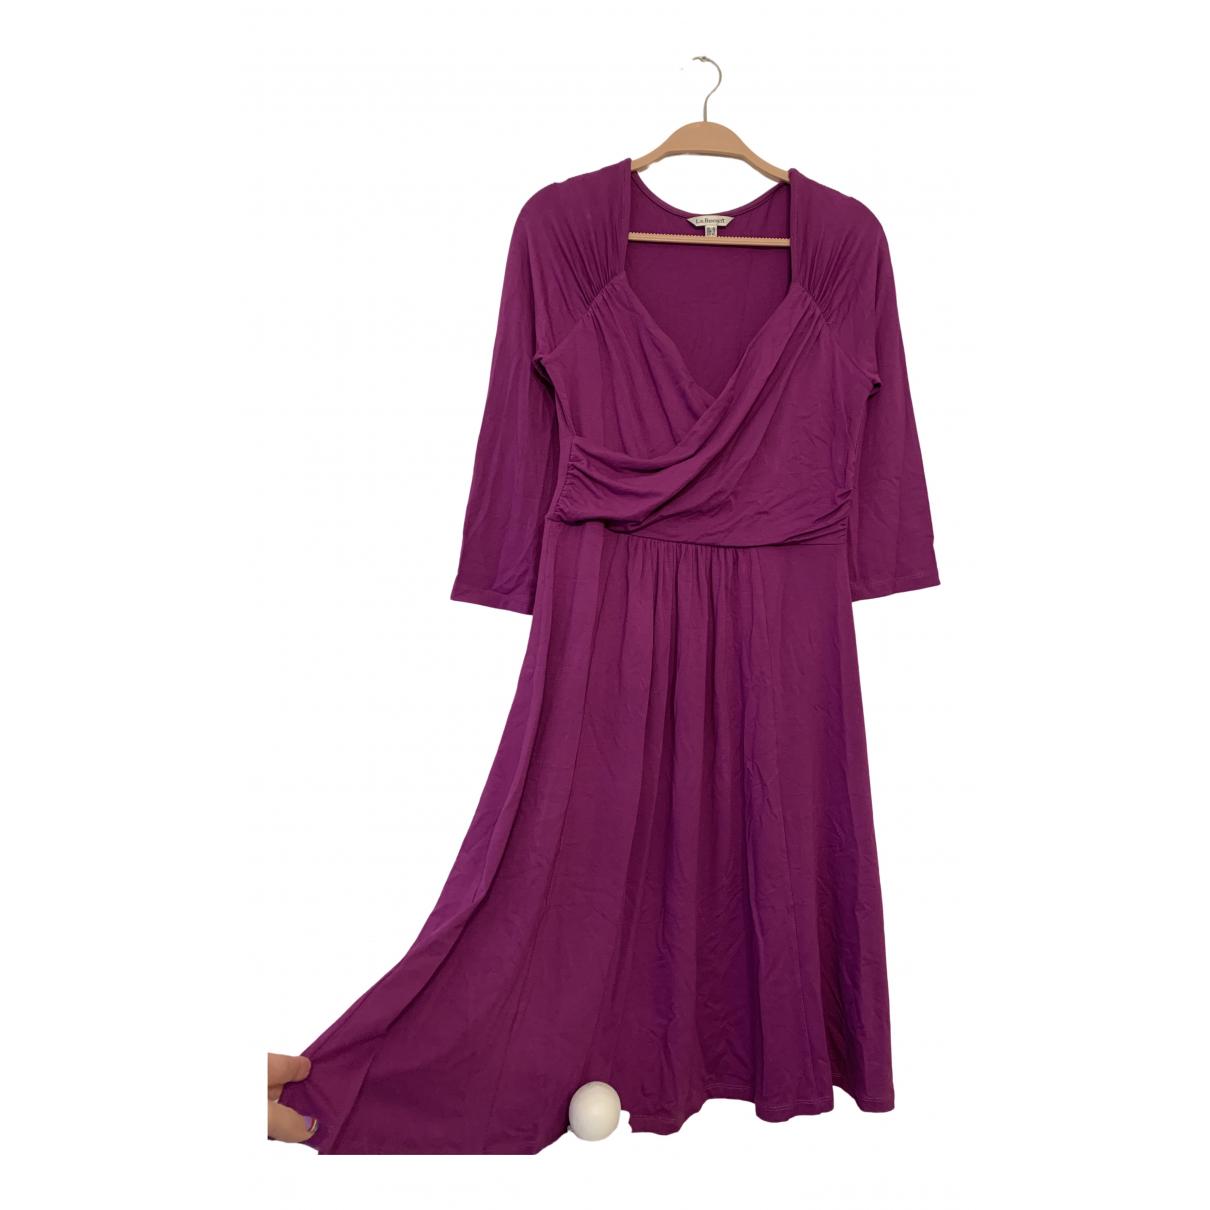 Lk Bennett N Purple dress for Women 12 UK